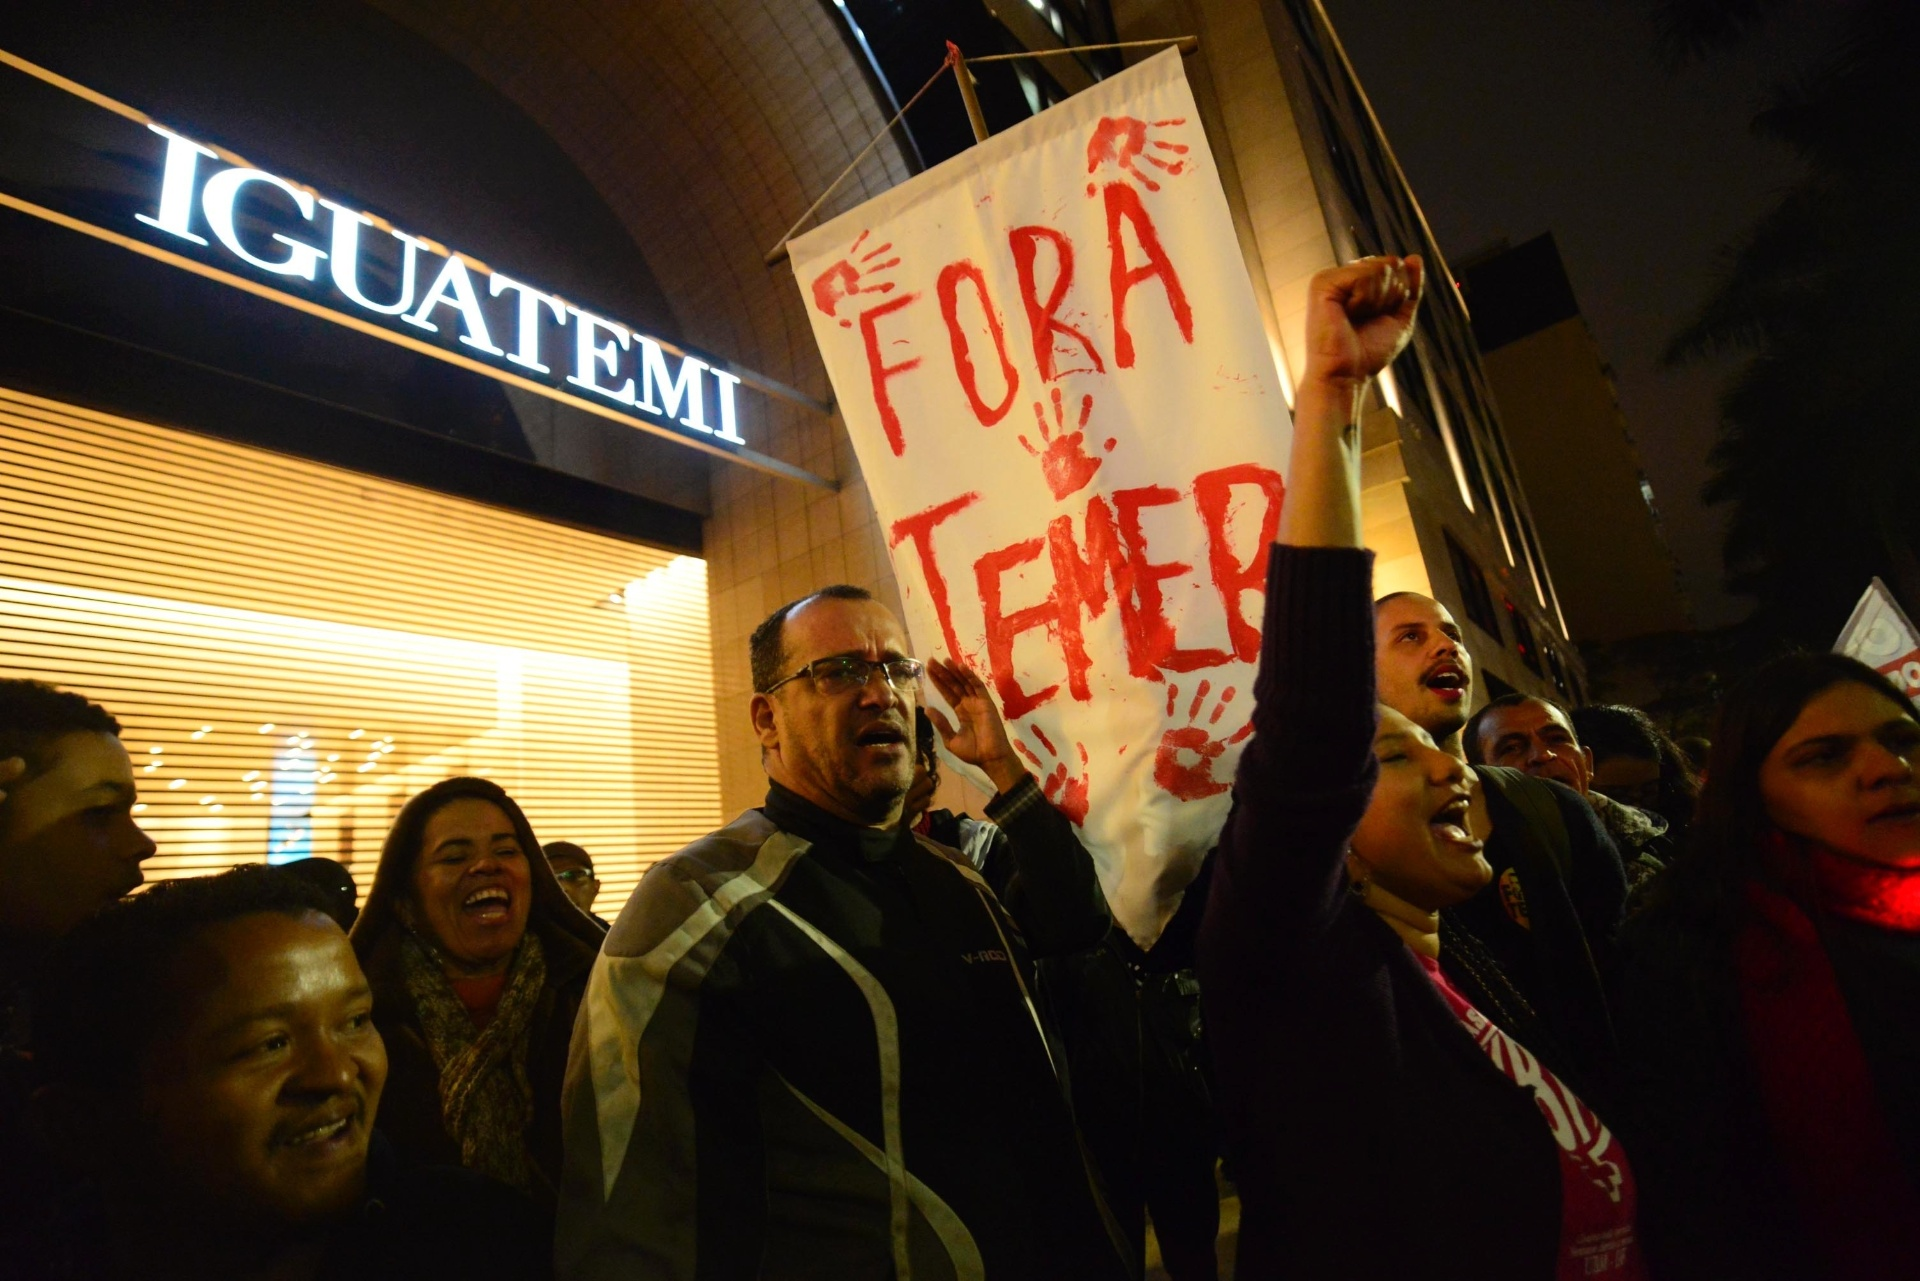 """7.jun.2016 - Manifestantes participam do ato """"Rolezinho Sem Temer"""" em frente ao shopping Iguatemi, um dos mais luxuosos de São Paulo, na zona oeste da cidade. O estabelecimento fechou as portas por causa do protesto, que pede a saída do presidente interino, Michel Temer, e dos ministros com suspeitas de corrupção, além de questionar os cortes sofridos no programa Minha Casa Minha Vida"""